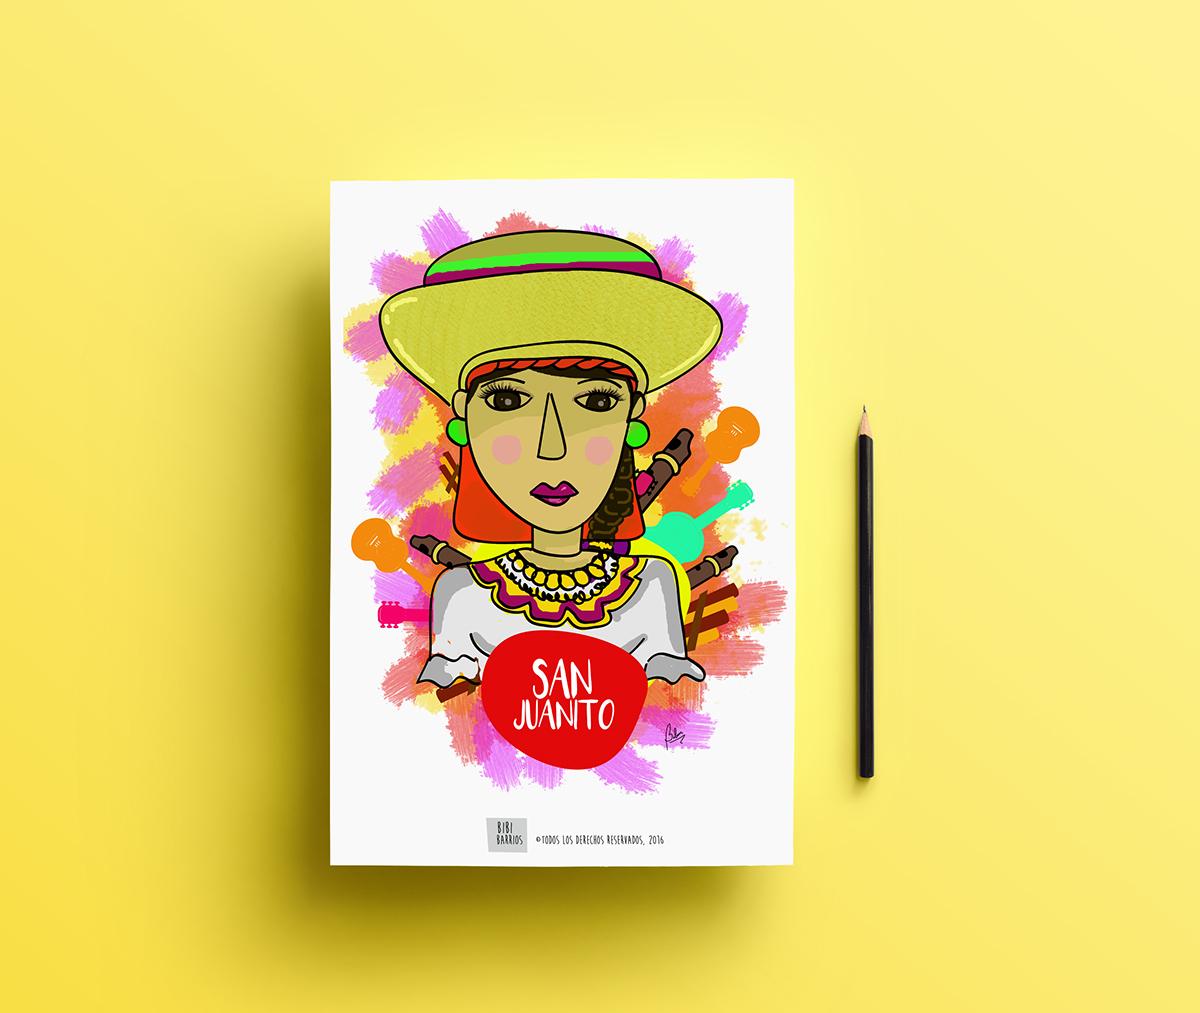 ilustracion Ecuador diseño cultura bailes